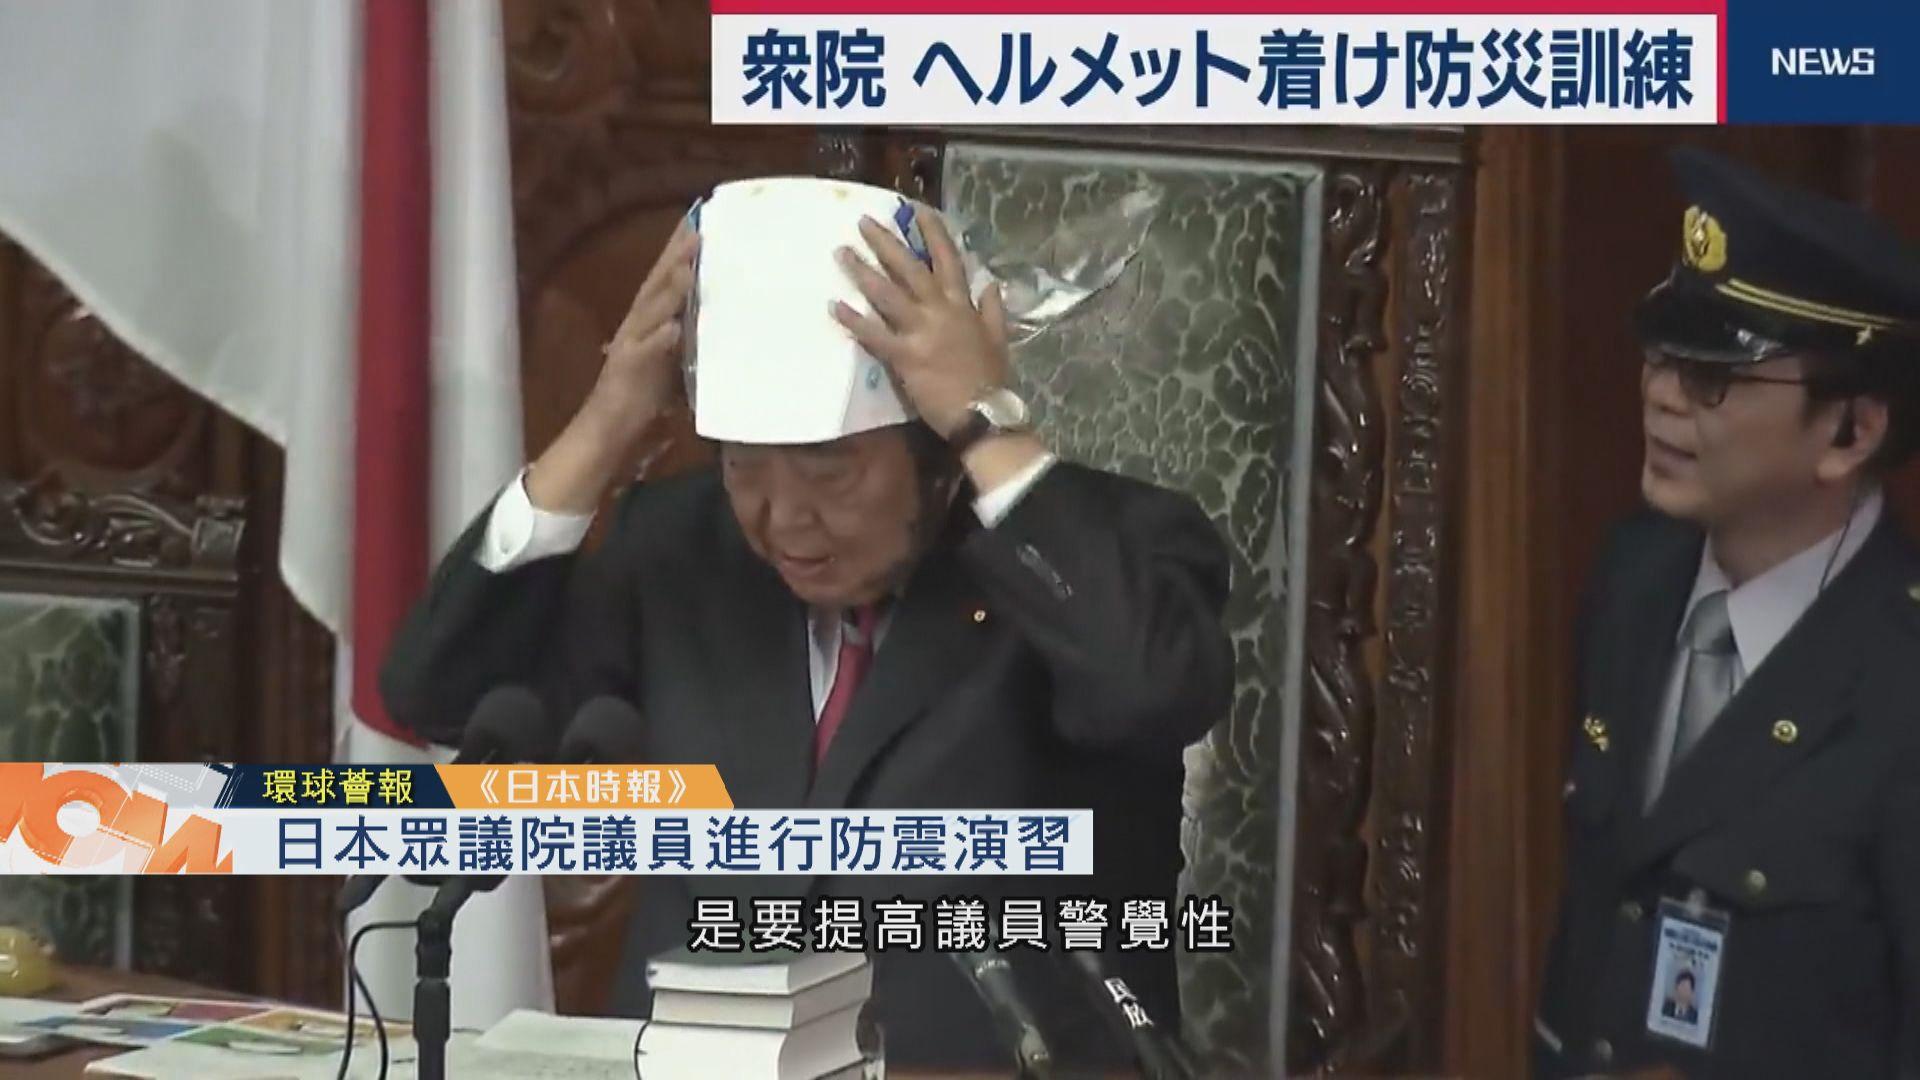 【環球薈報】日本眾議院議員進行防震演習